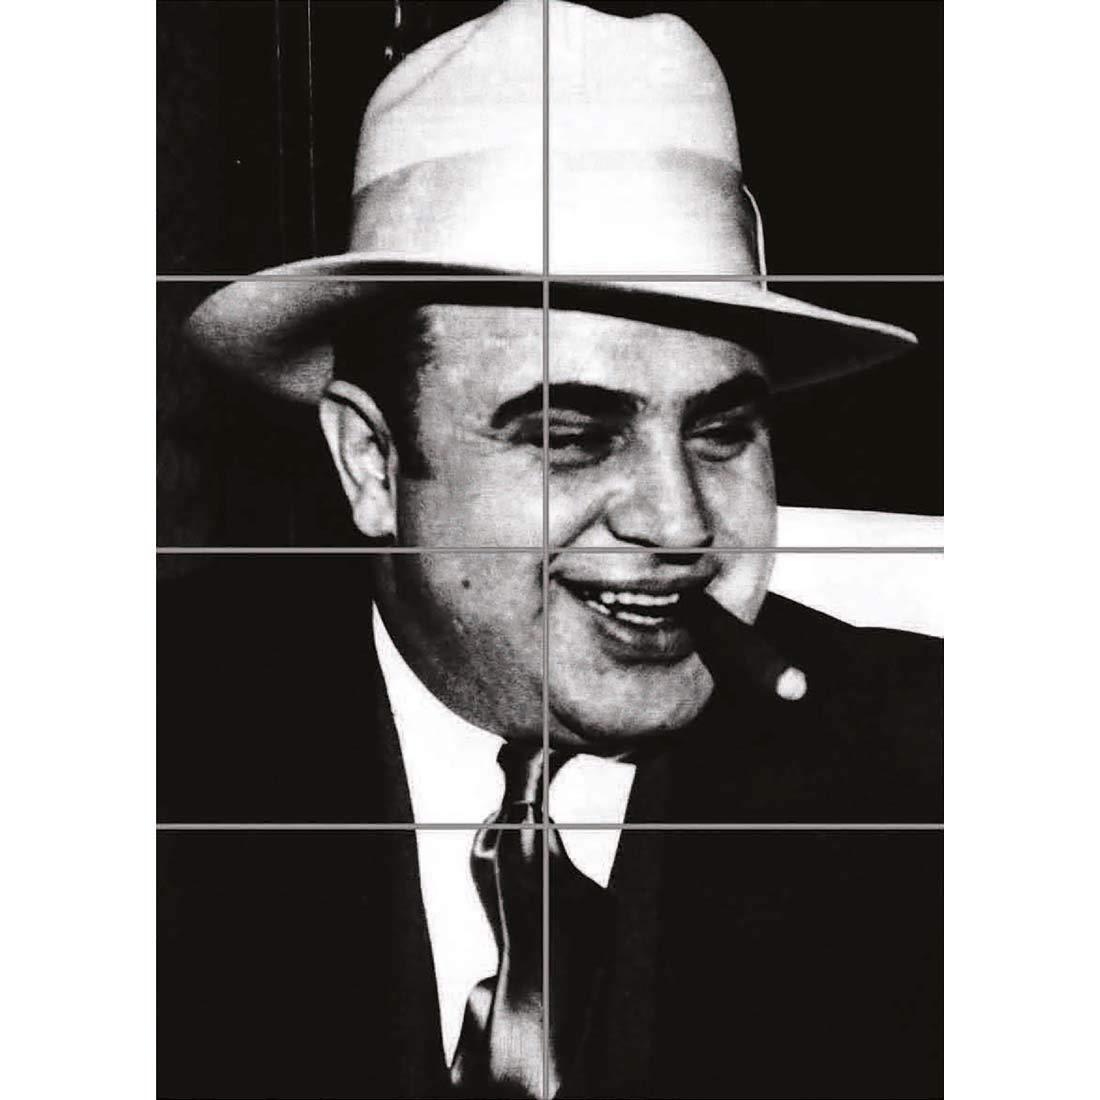 Satinee Capona